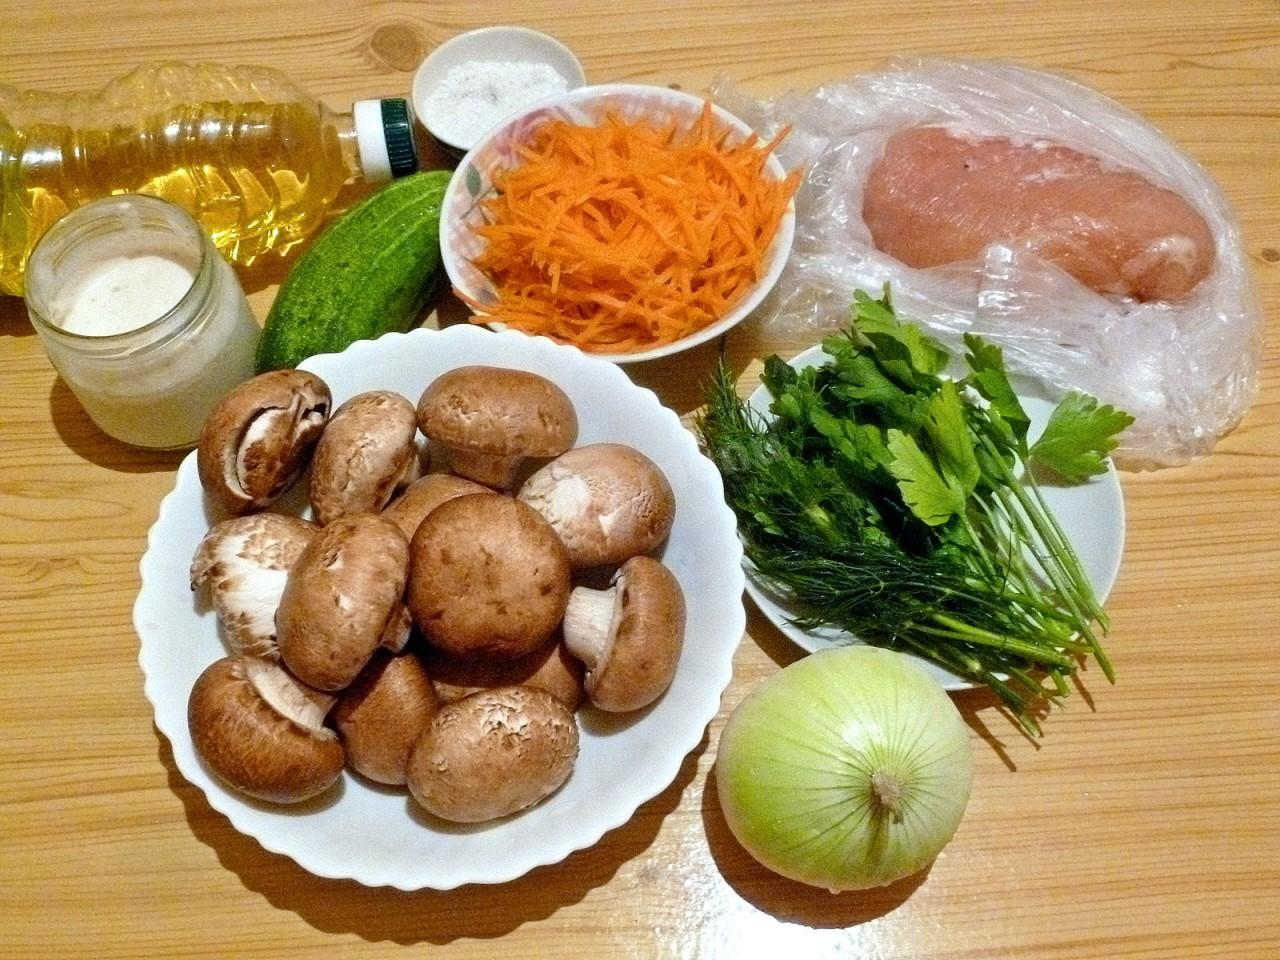 Салат слоями с жареными шампиньонами и курицей